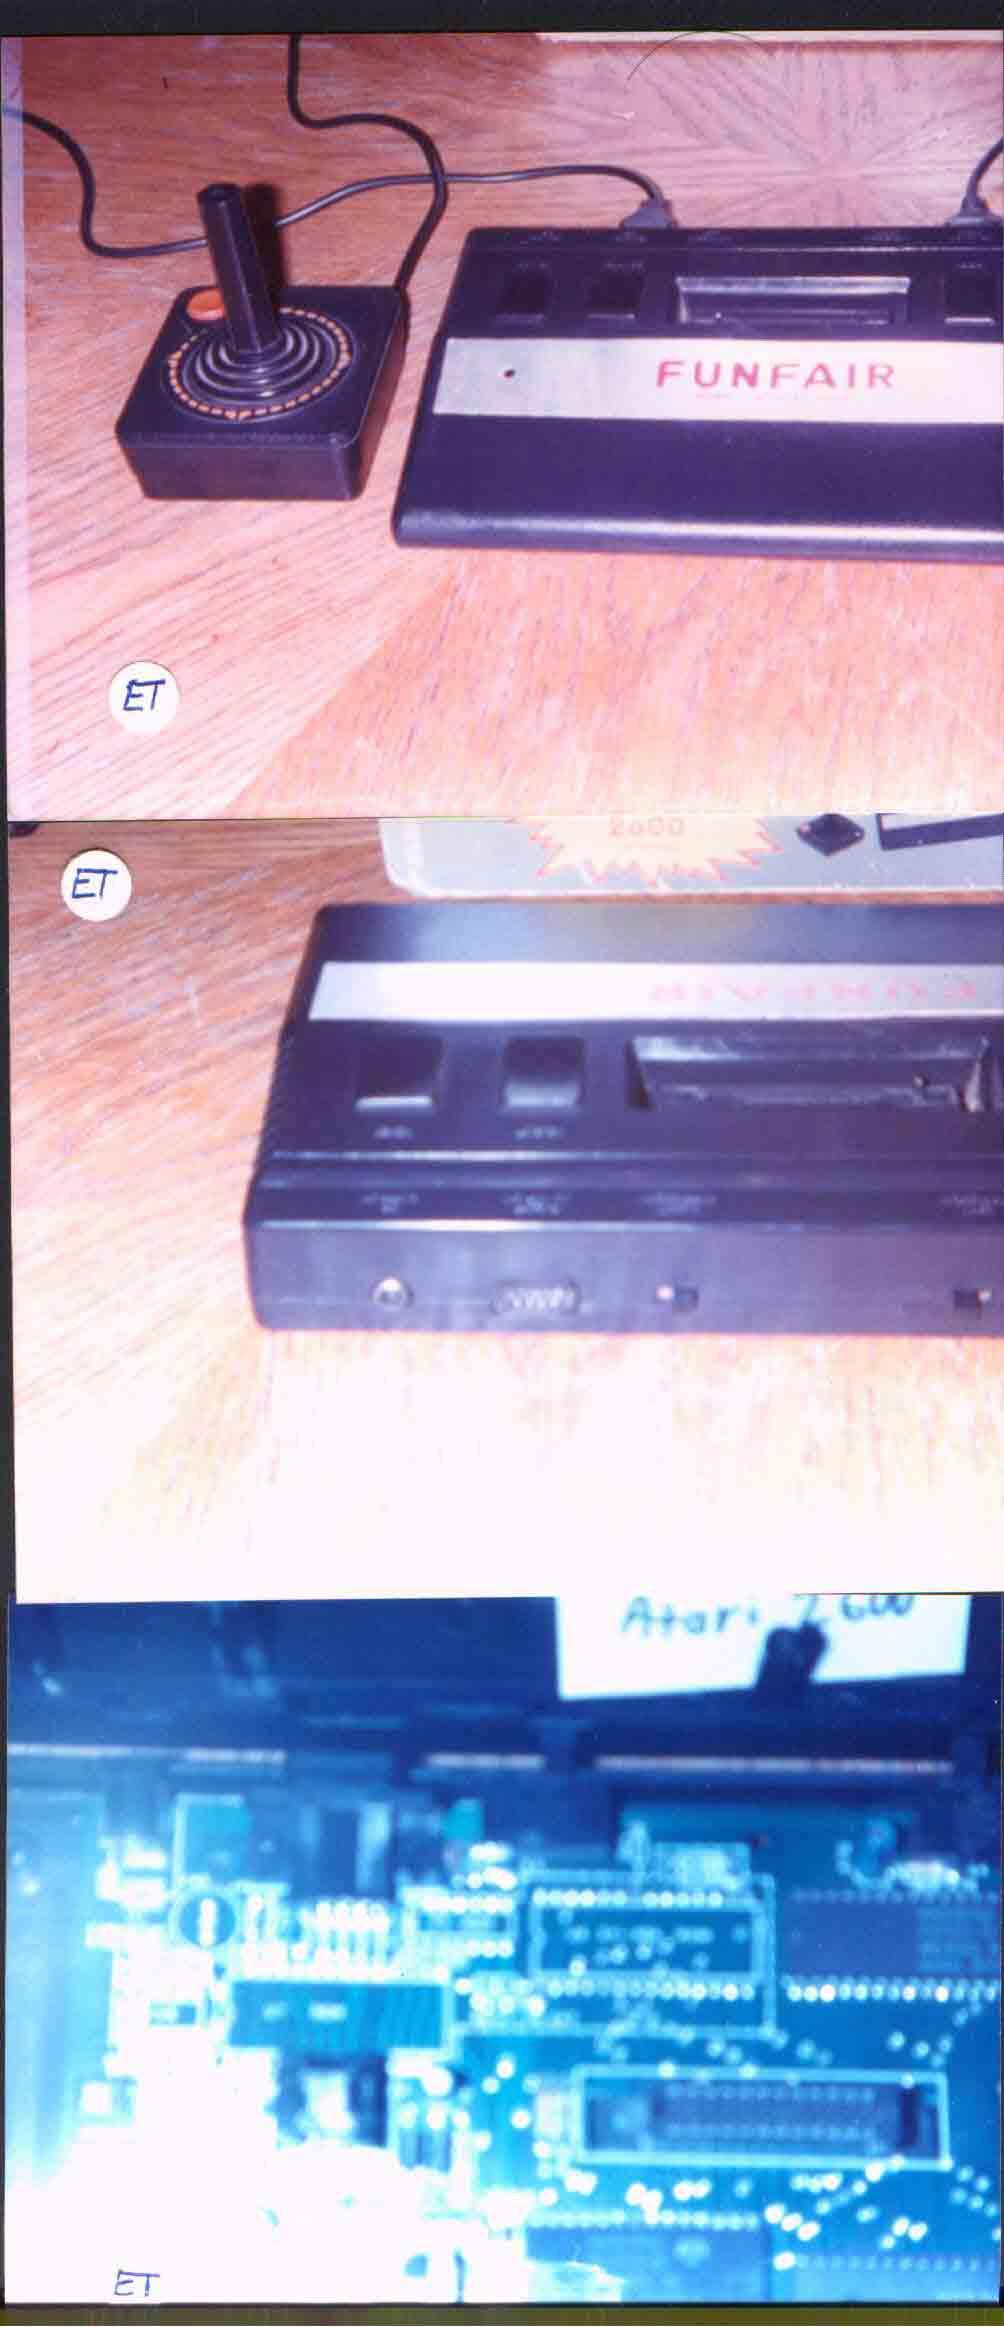 Atari 2600 Vcs Mr Do Scans Dump Download: 2600 Consoles And Clones